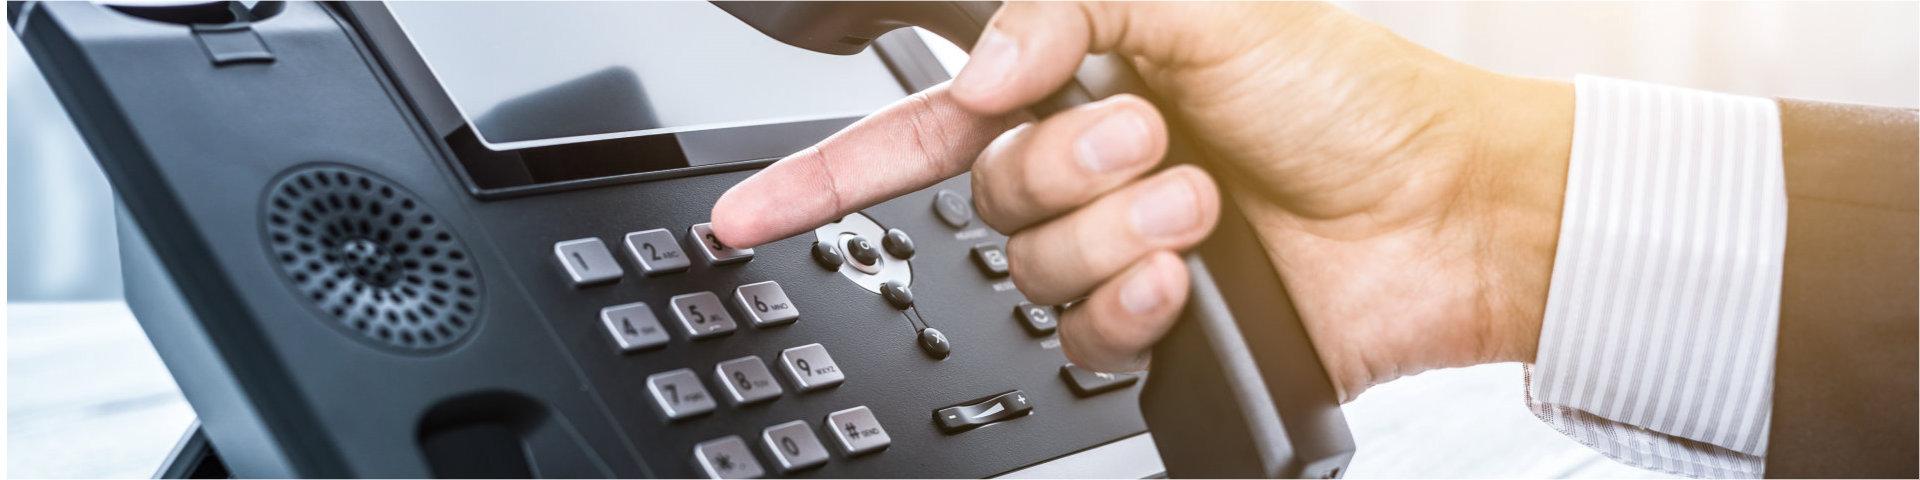 crop image of man dialing